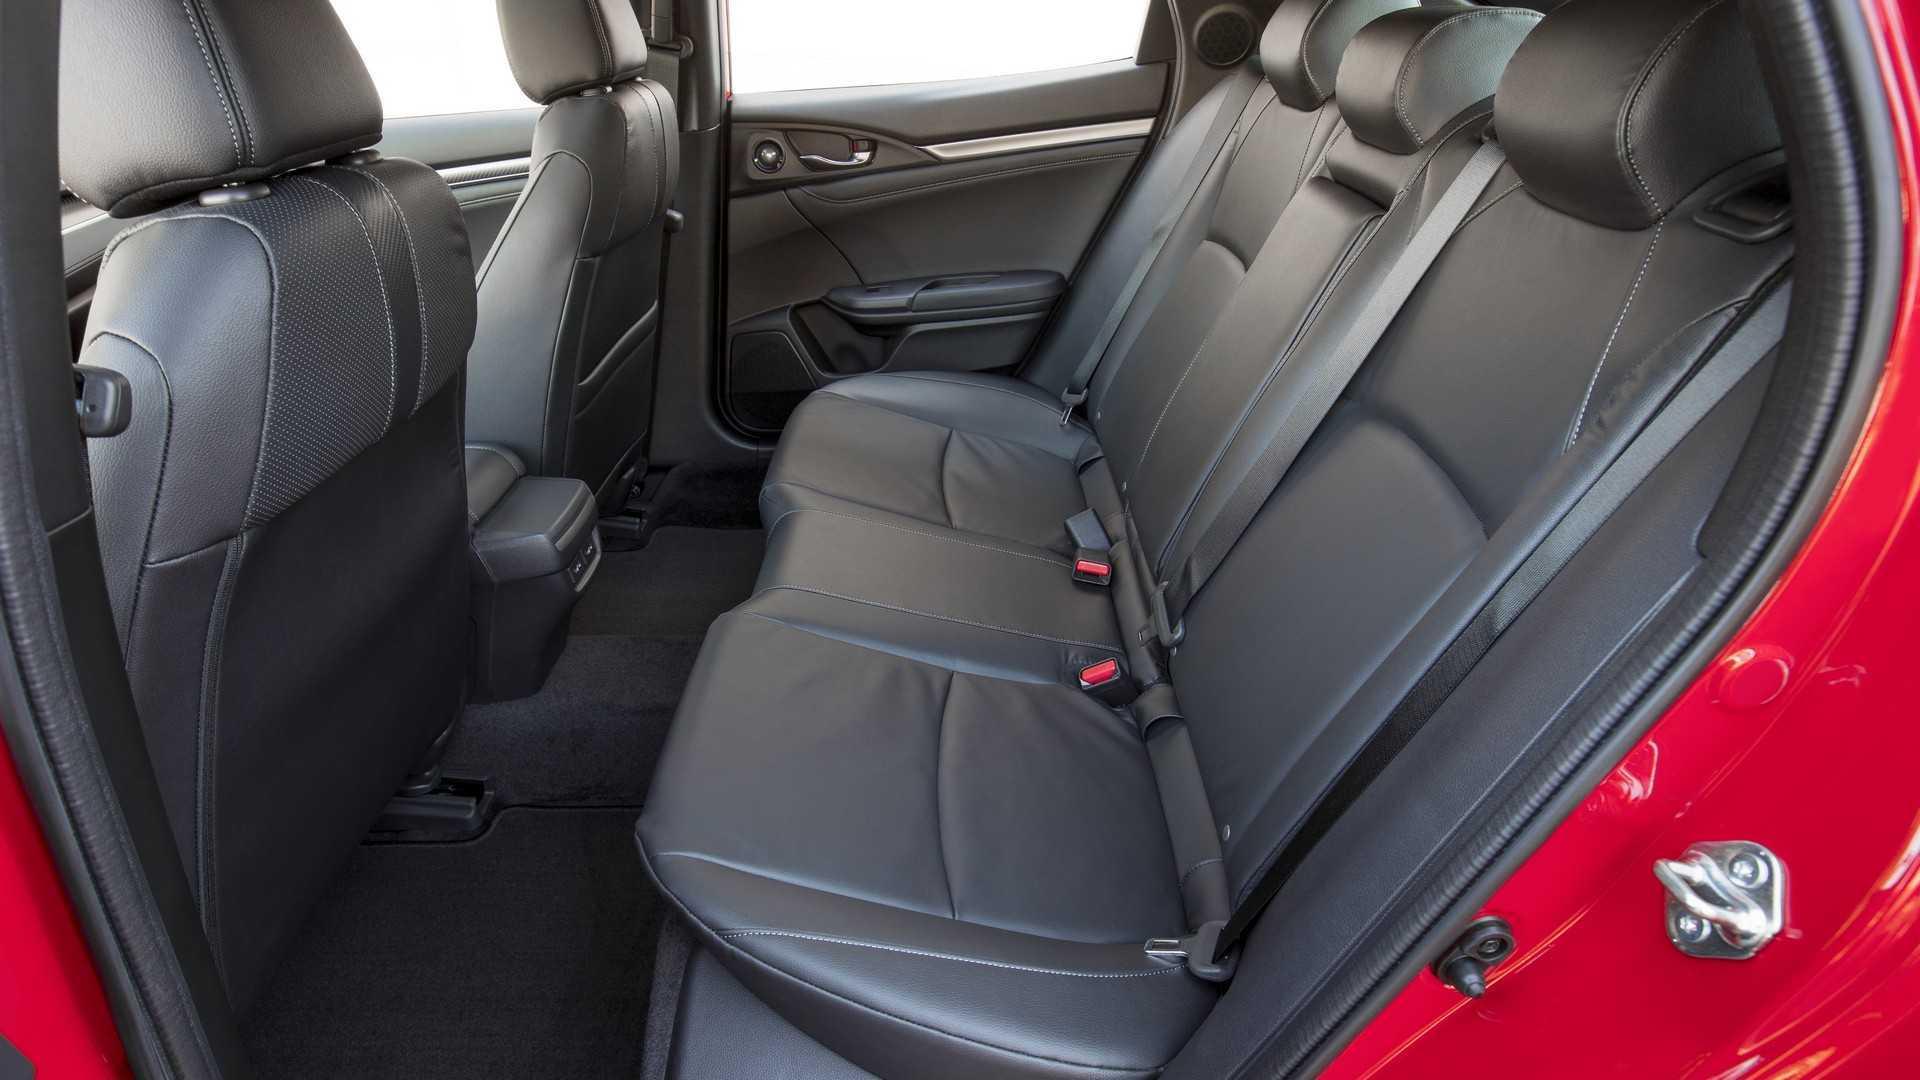 Honda Civic Type R pode virar híbrido na próxima geração 2019-honda-civic